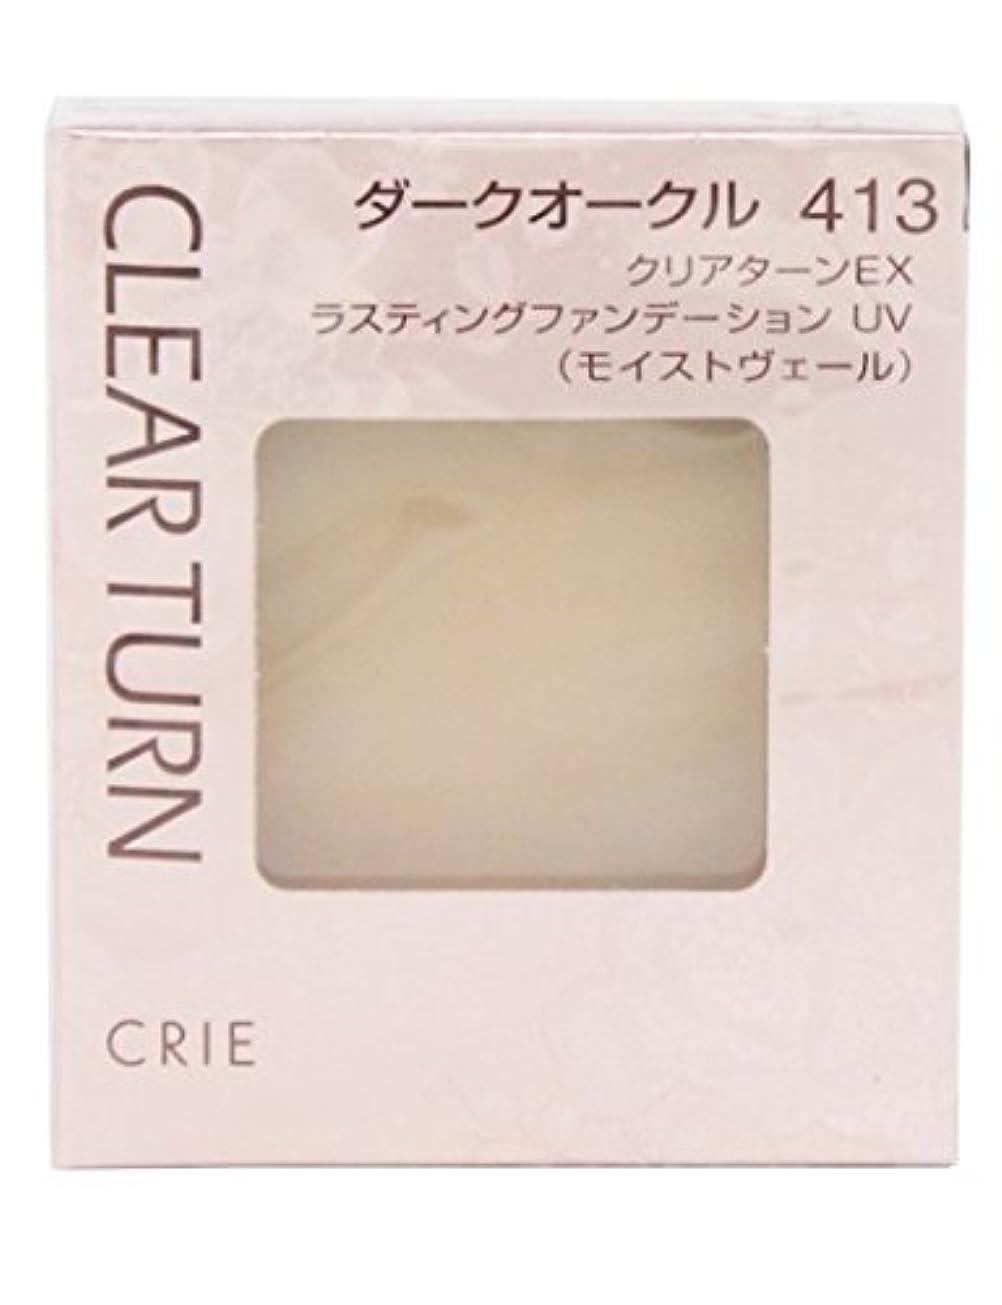 勉強するトランペット貧しいクリエ(CRIE) クリアターンEX ラスティングファンデーション UV (モイストヴェール) #413 ダークオークル 9.5g